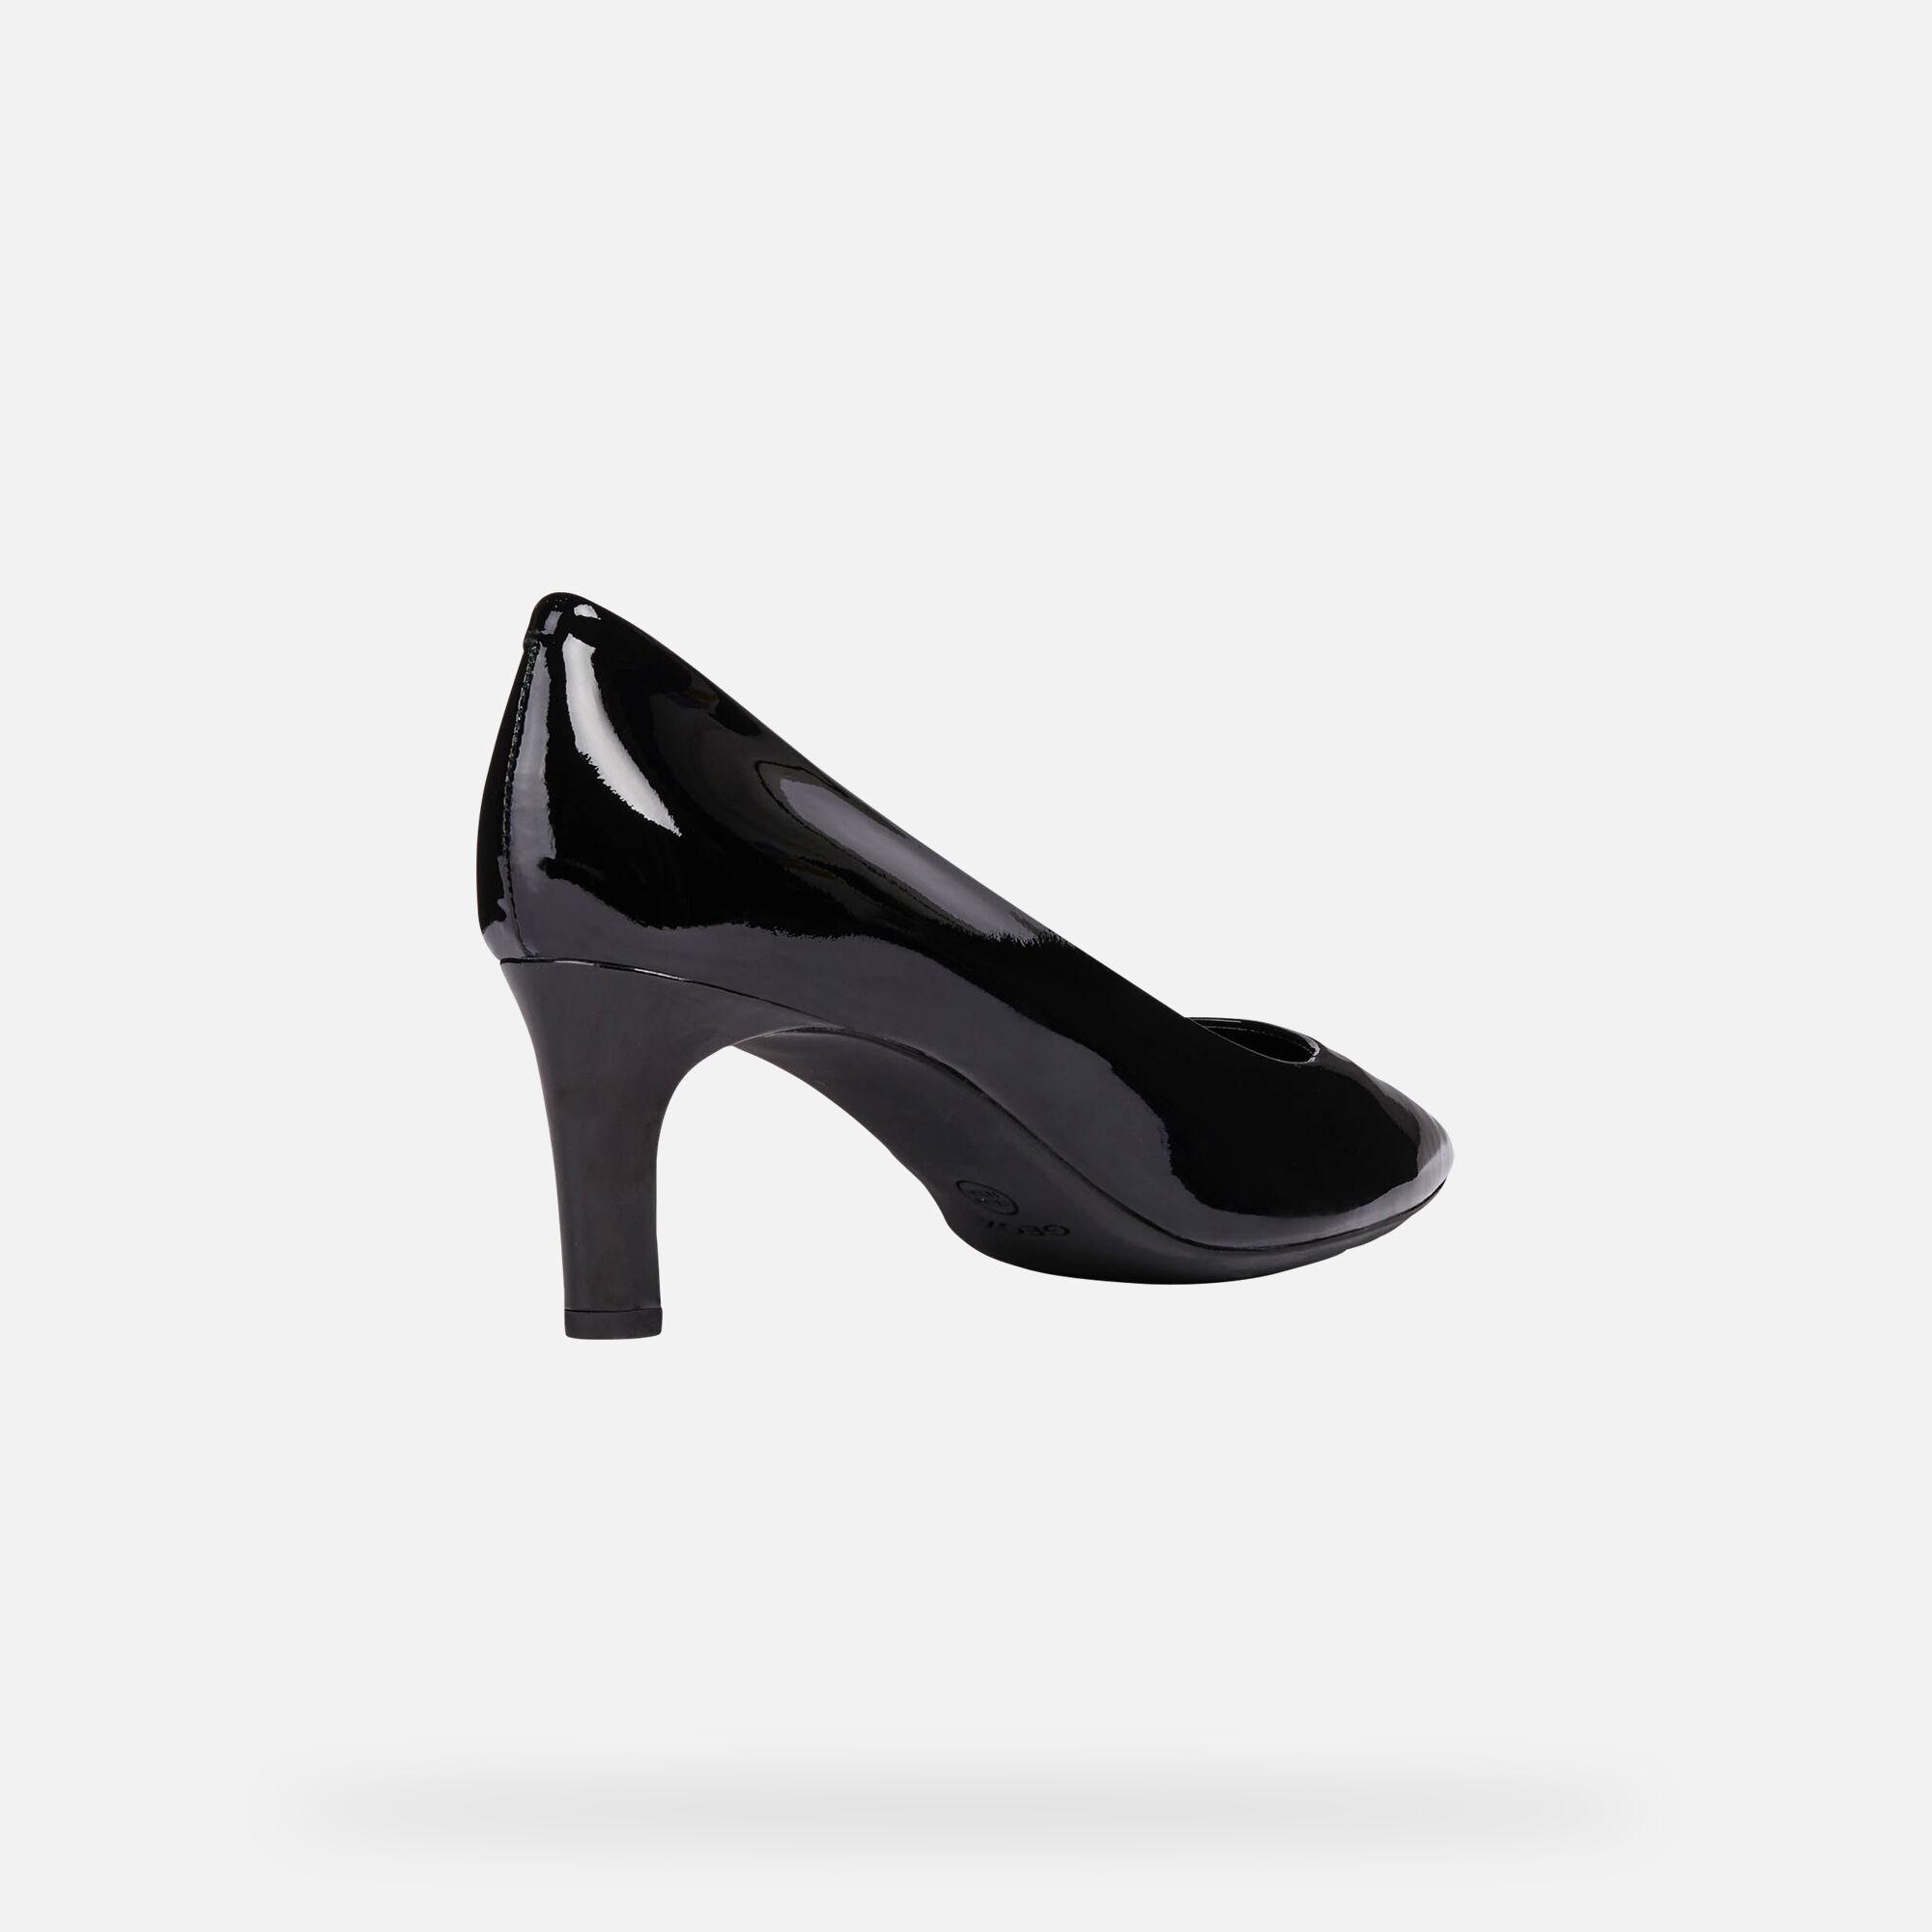 Geox BIBBIANA Mujer: Zapatos Burdeos | Geox ®